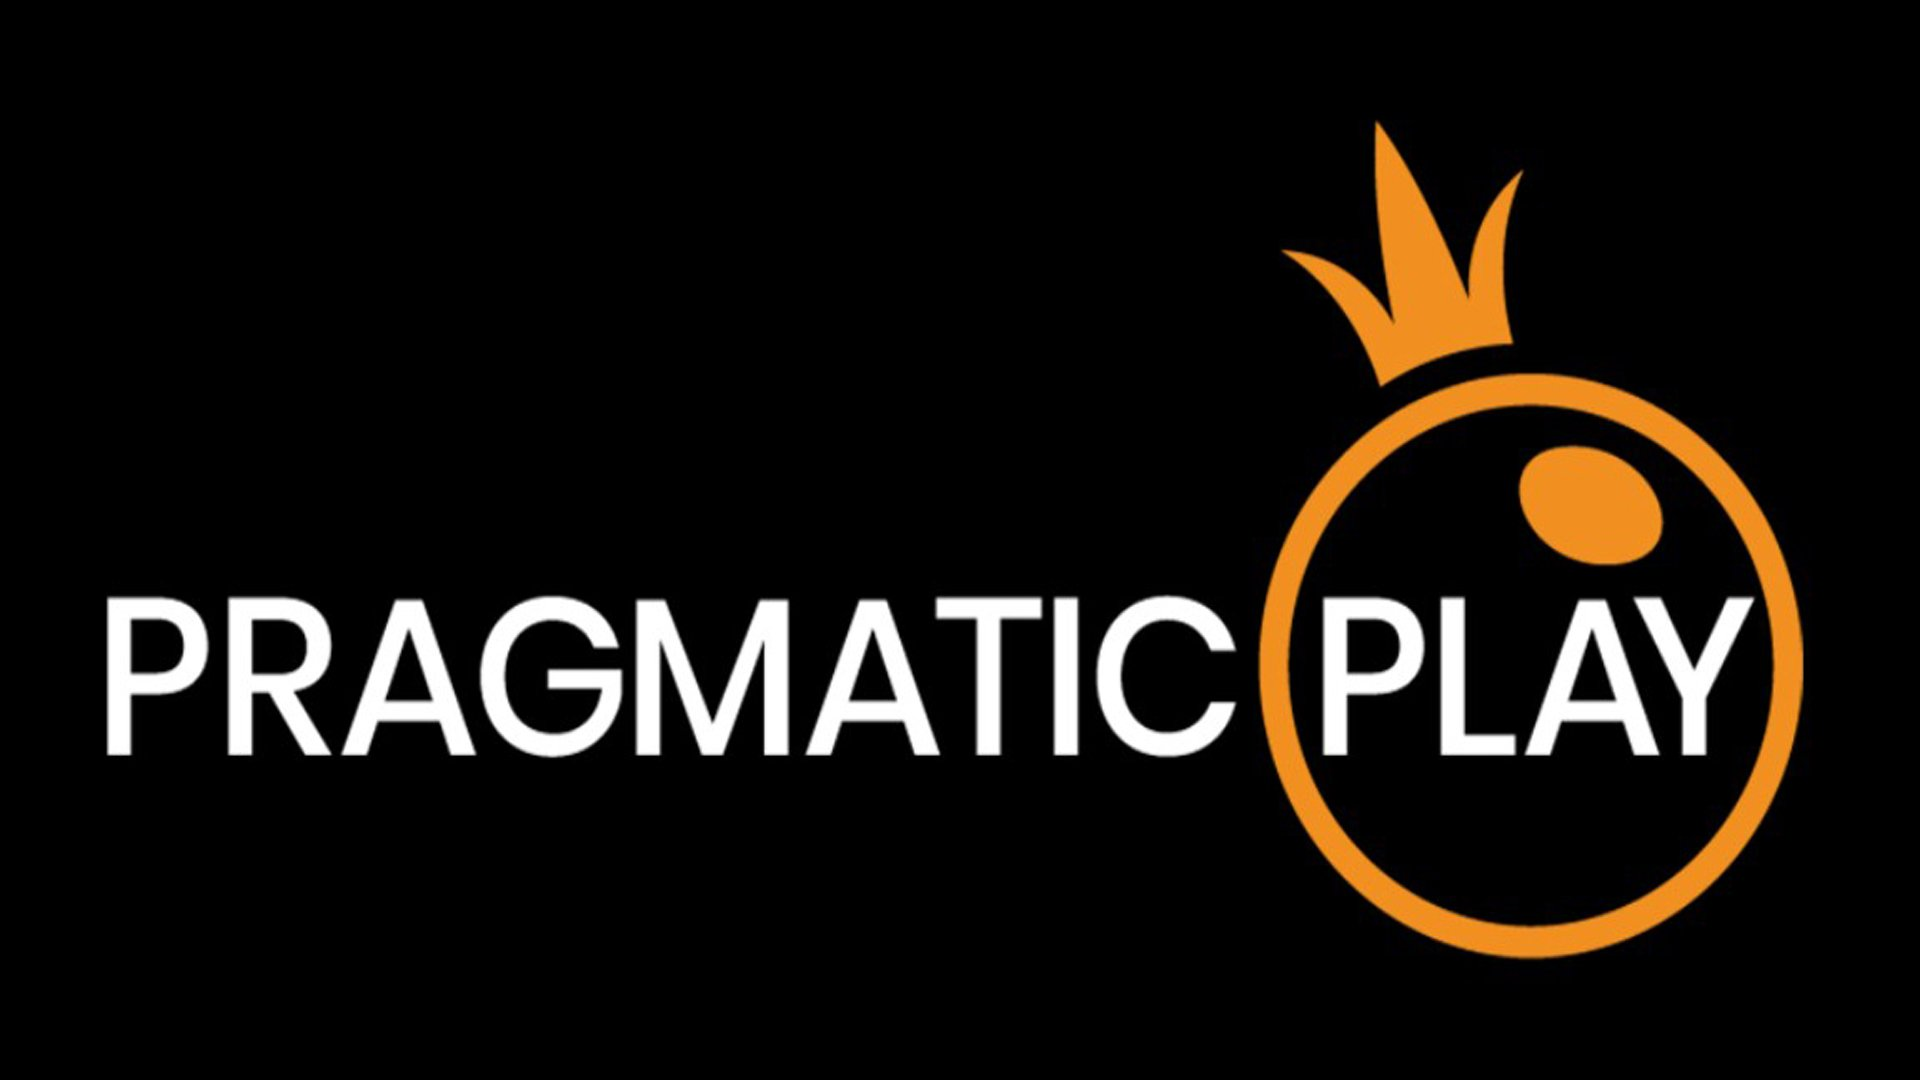 Игорный оператор Marathonbet объявило о партнерстве с Pragmatic Play